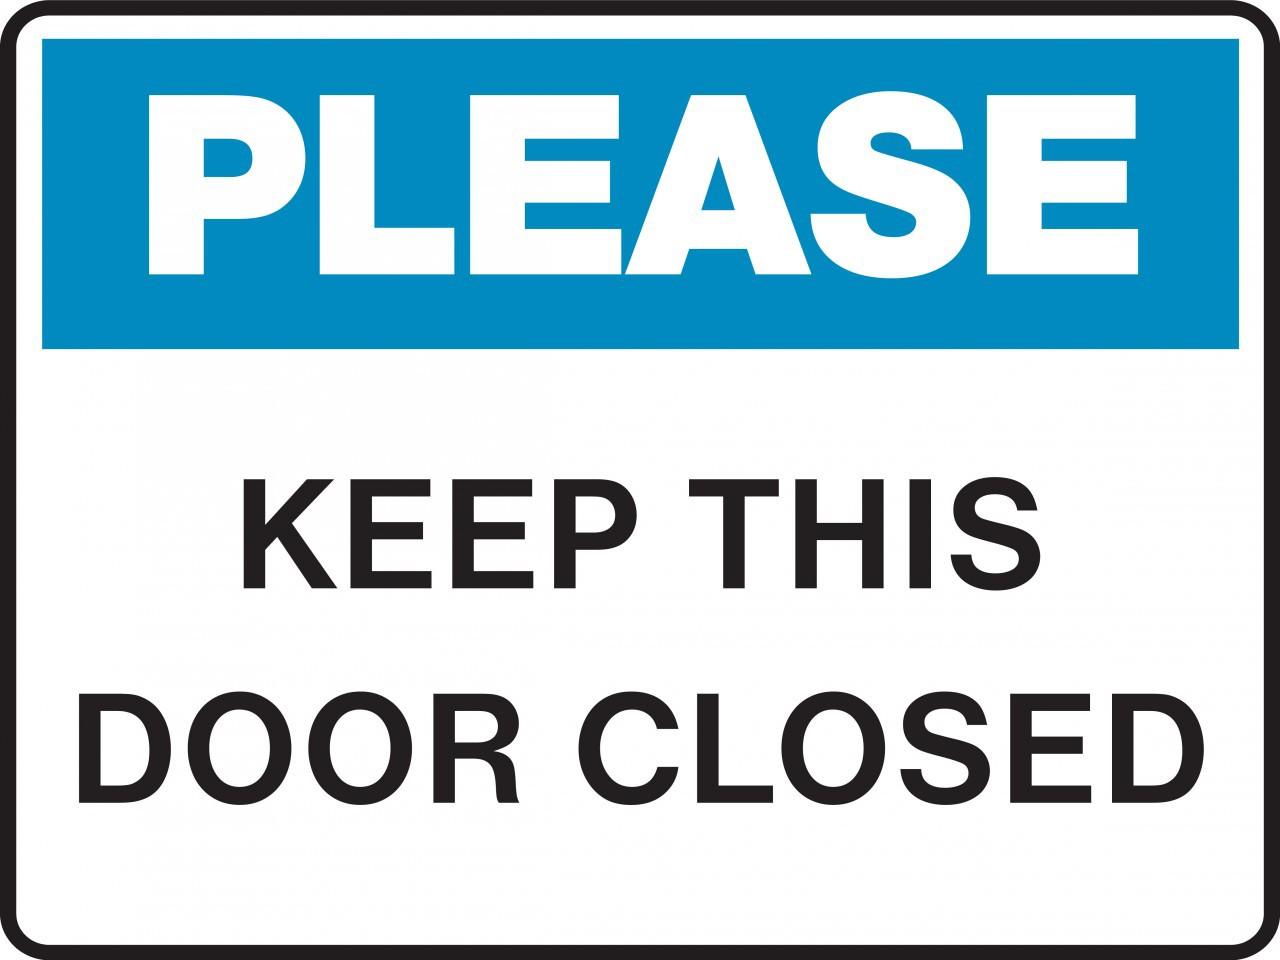 Close The Door >> Close The Door Clipart Free Download Best Close The Door Clipart